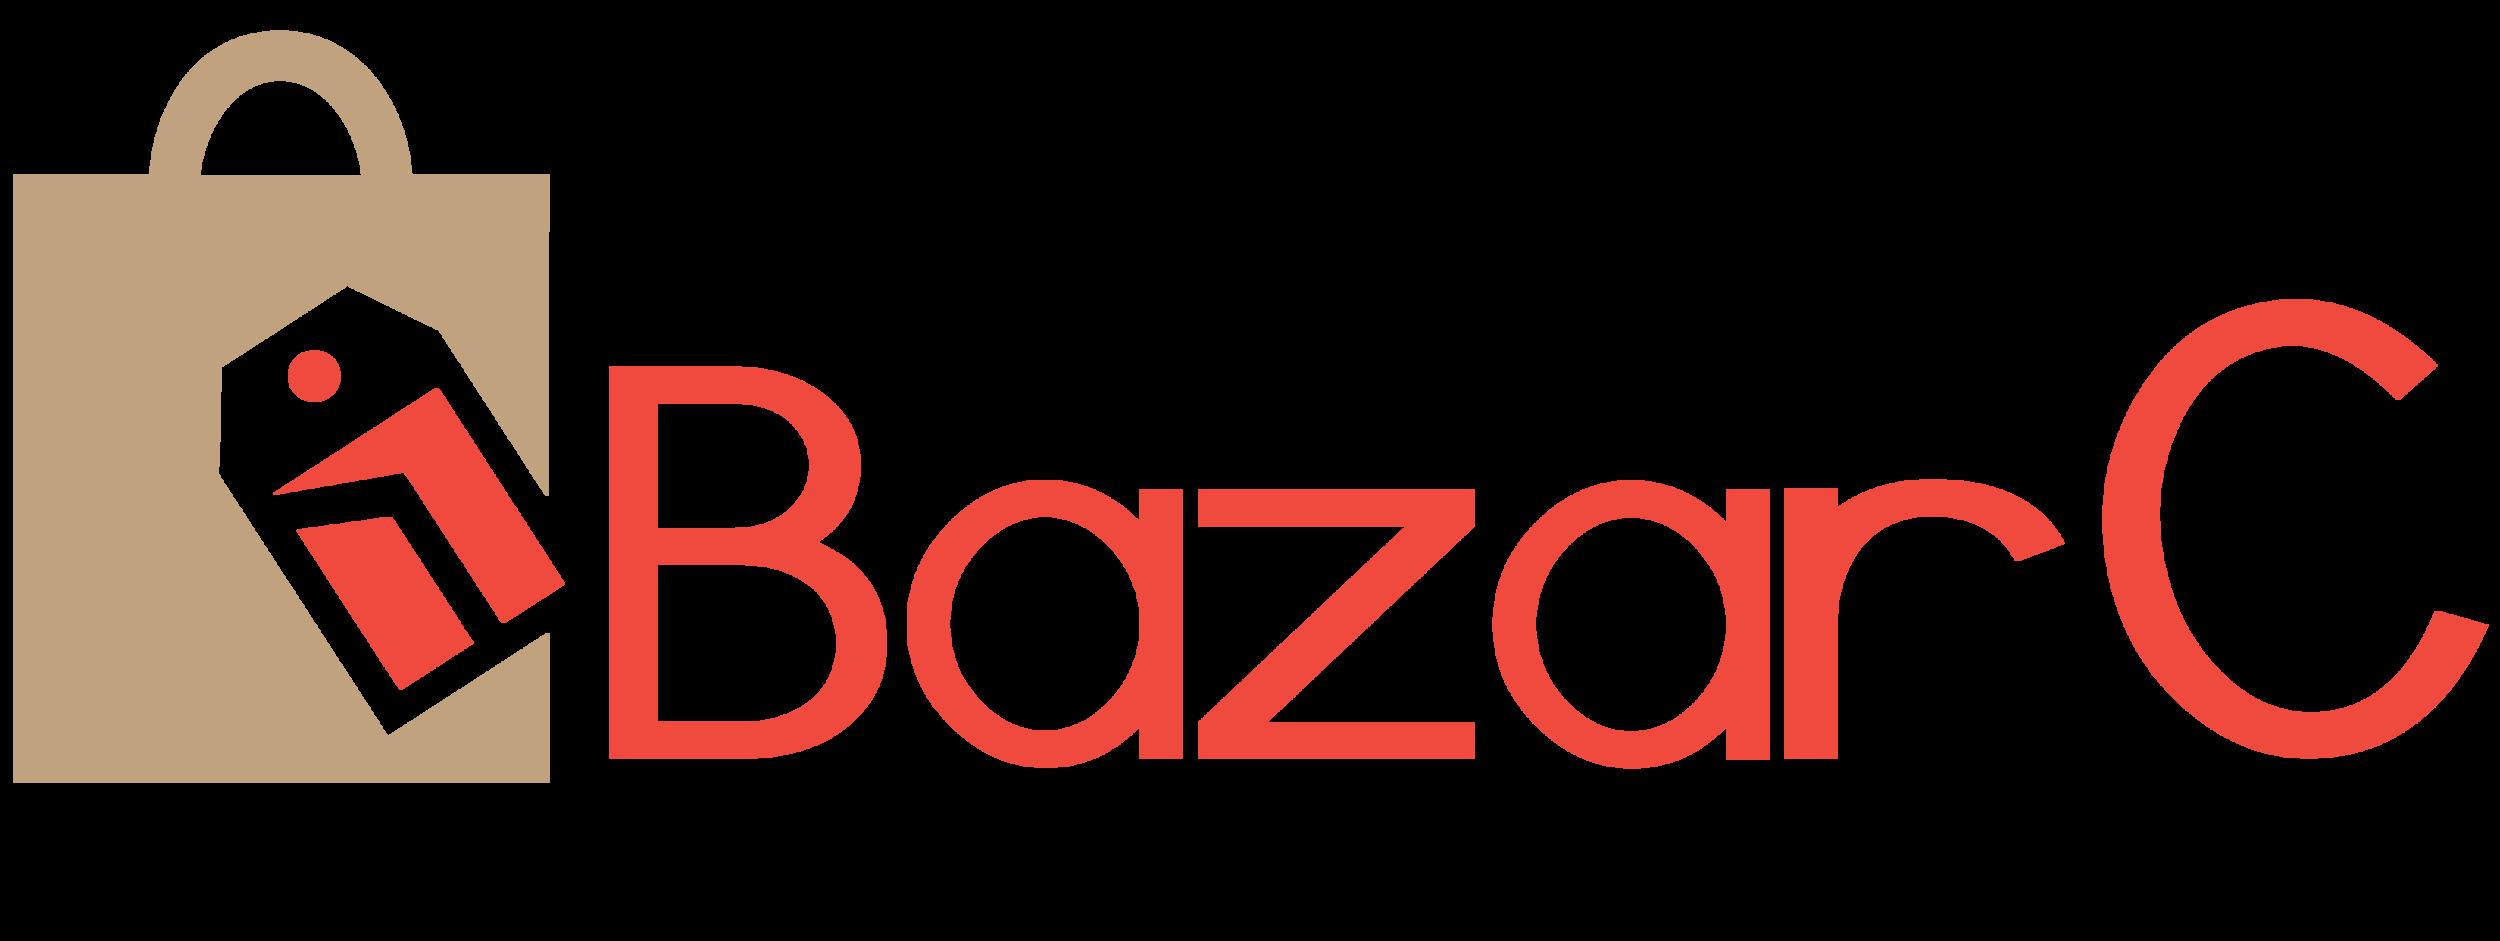 bazar c logo vertical-01.png